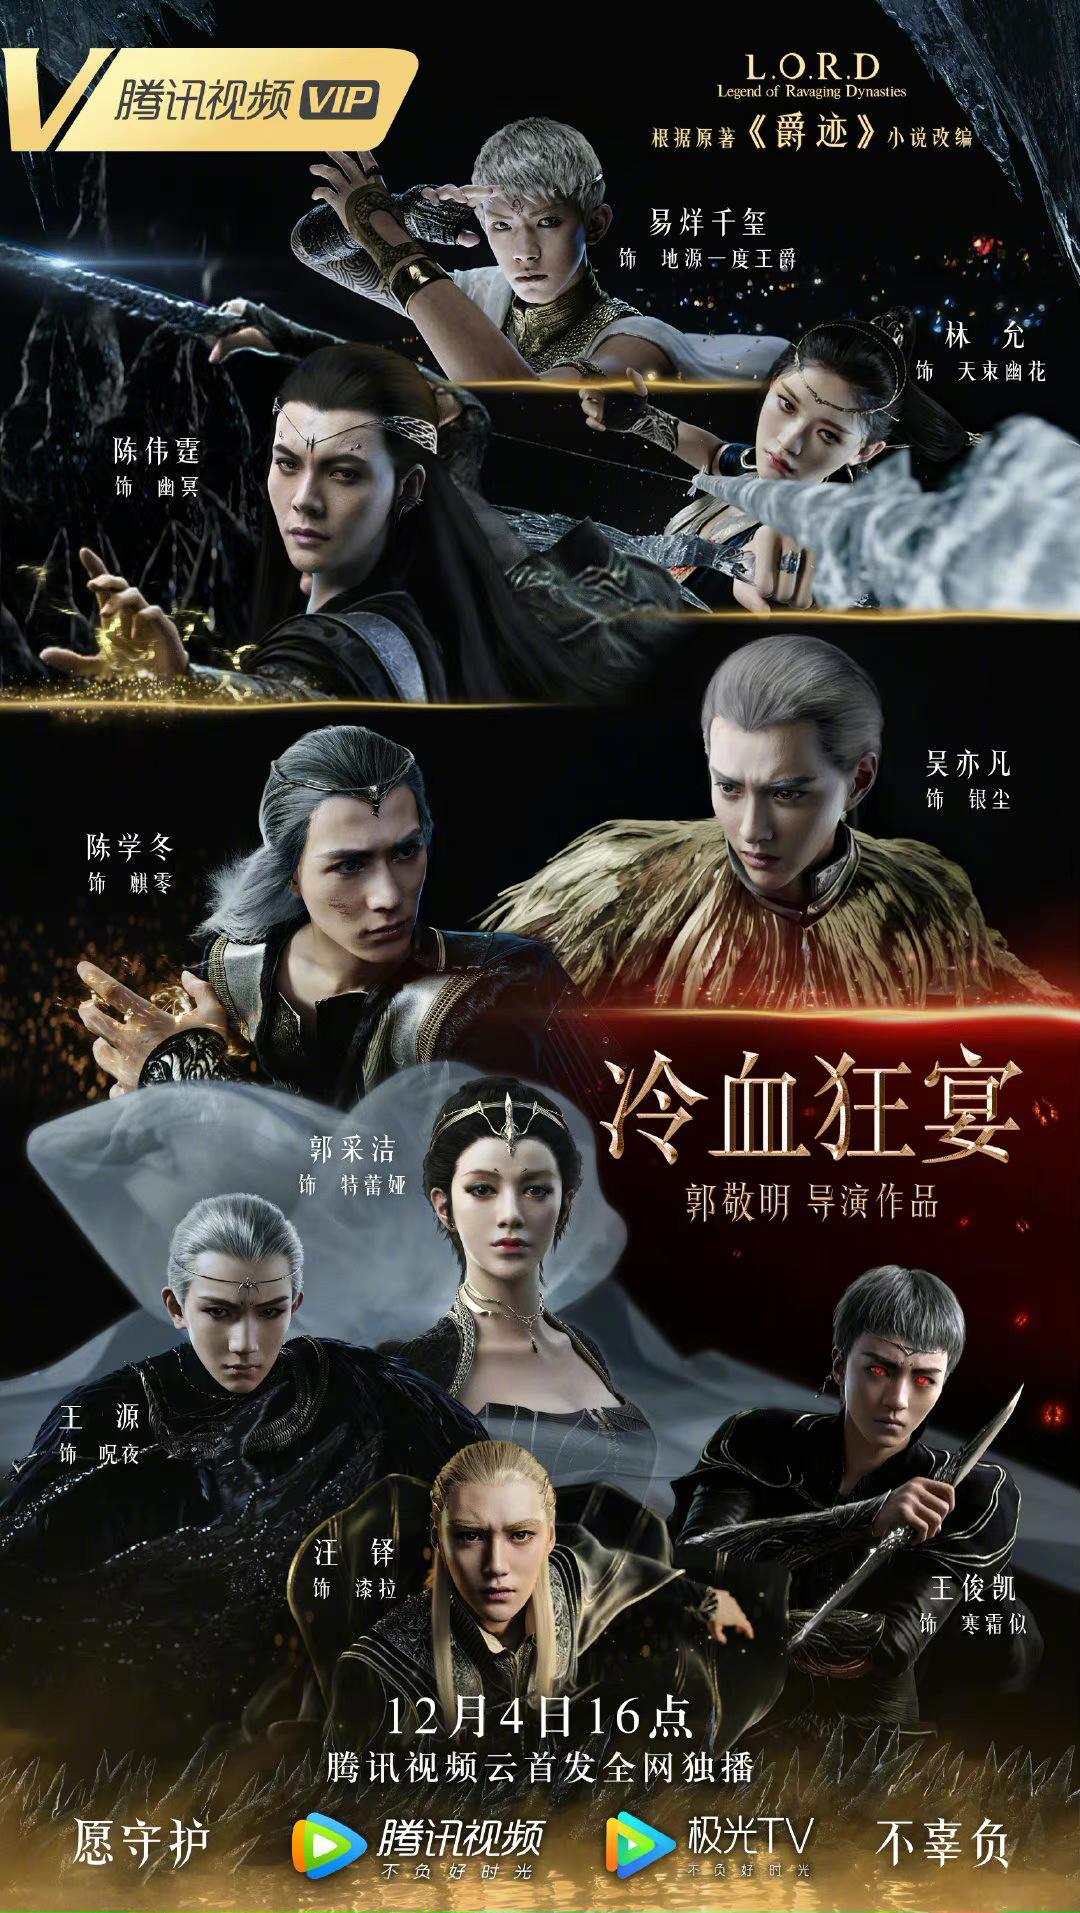 《冷血狂宴》发布终极预告 吴亦凡·陈学冬剑相向